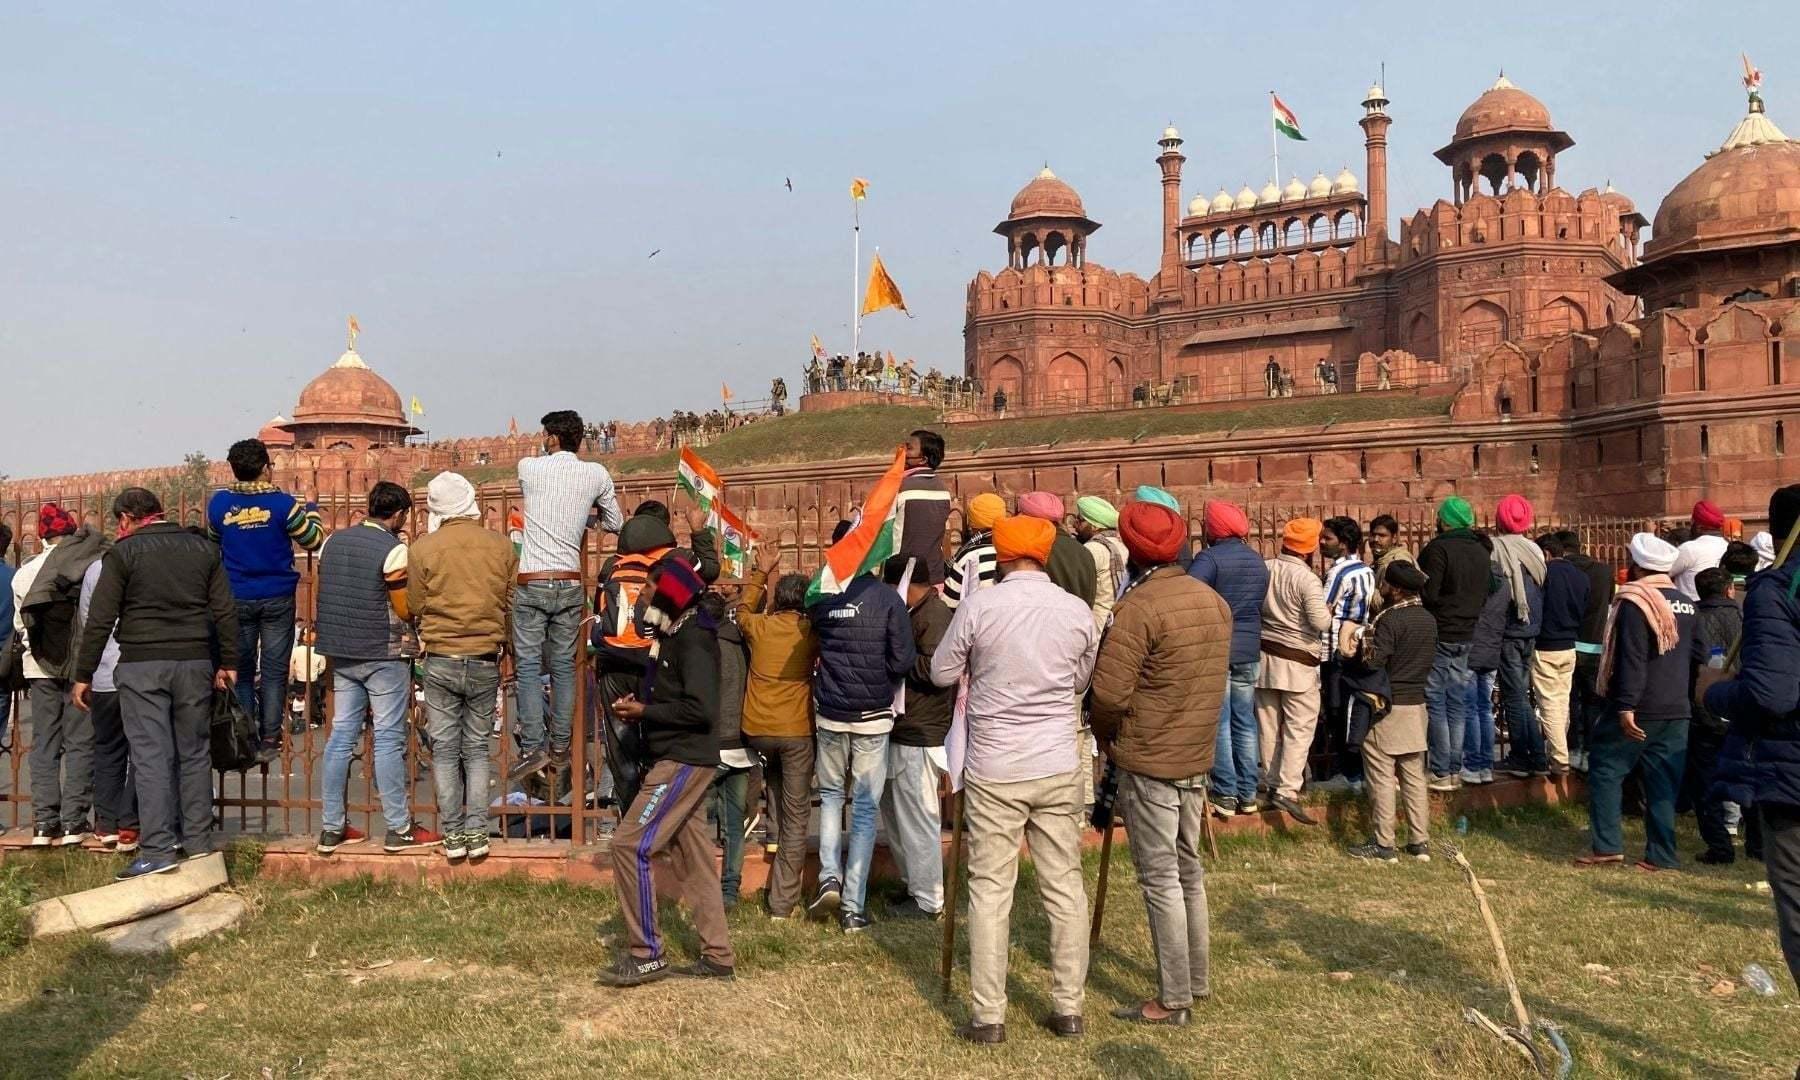 'جن سکھوں نے جواہر لعل نہرو کو جھکا دیا، کیا مودی ان کا مقابلہ کرسکیں گے؟'